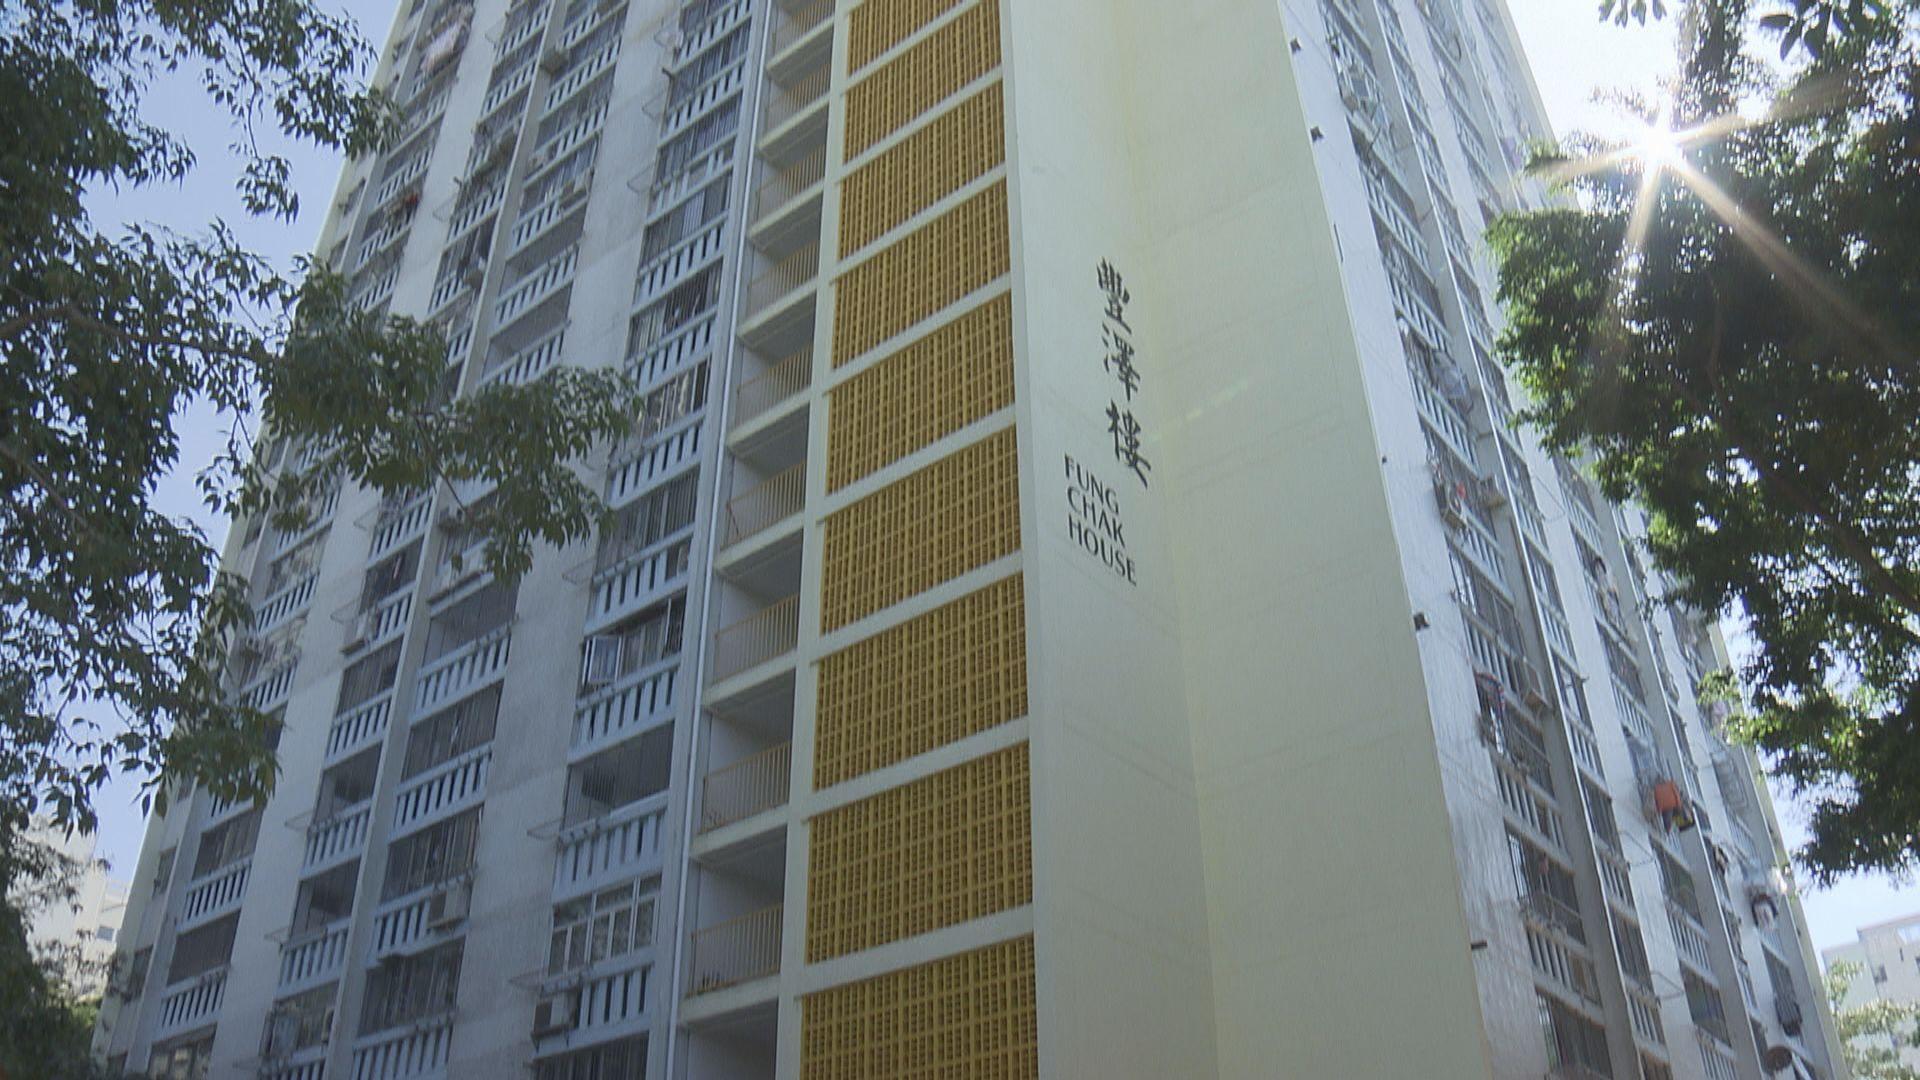 彩雲邨豐澤樓居民需第二次強制檢測